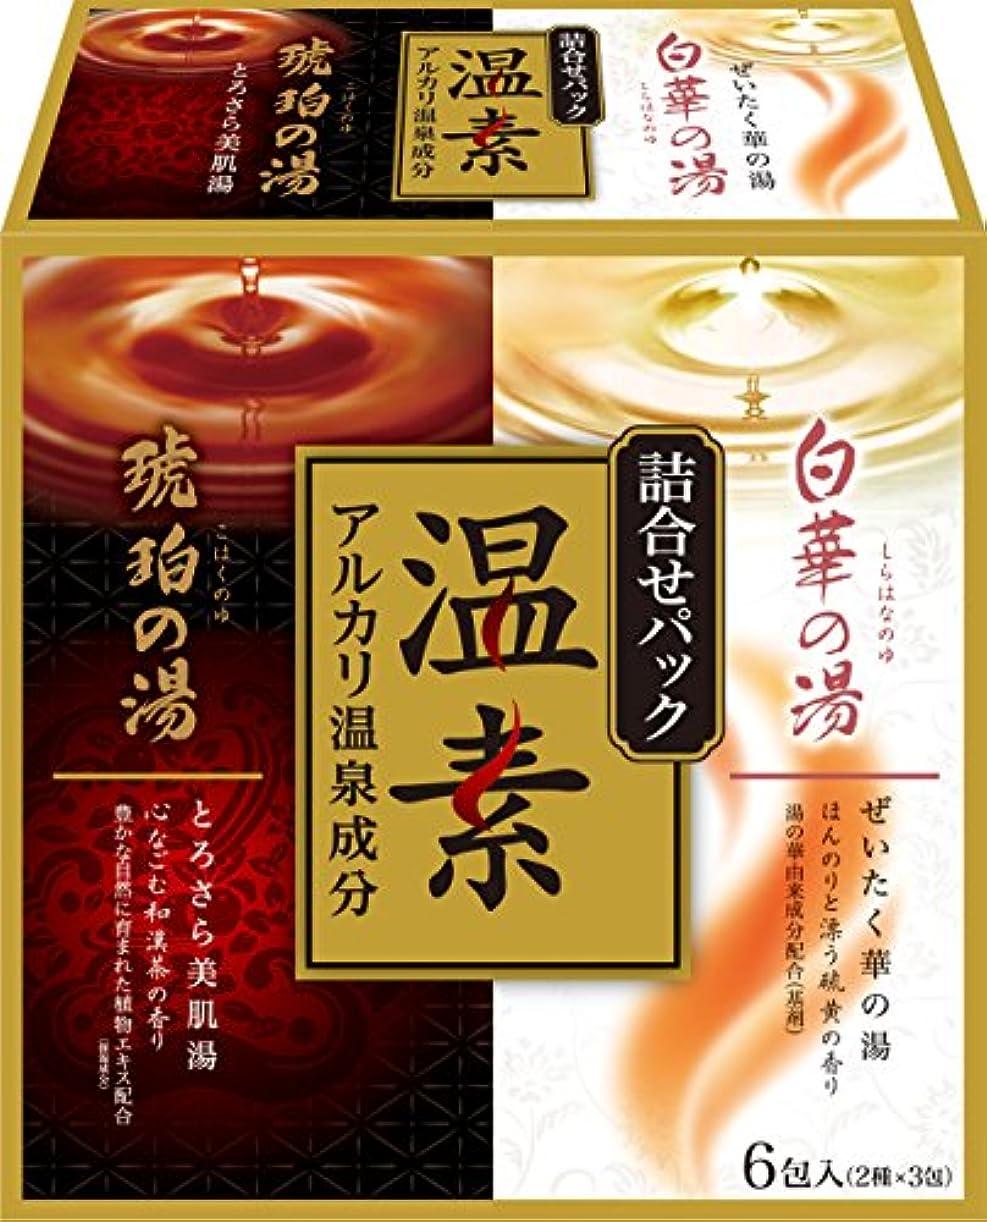 内向き分離浅いアース製薬 温素 琥珀の湯&白華の湯 詰合せパック 6包(各3包)